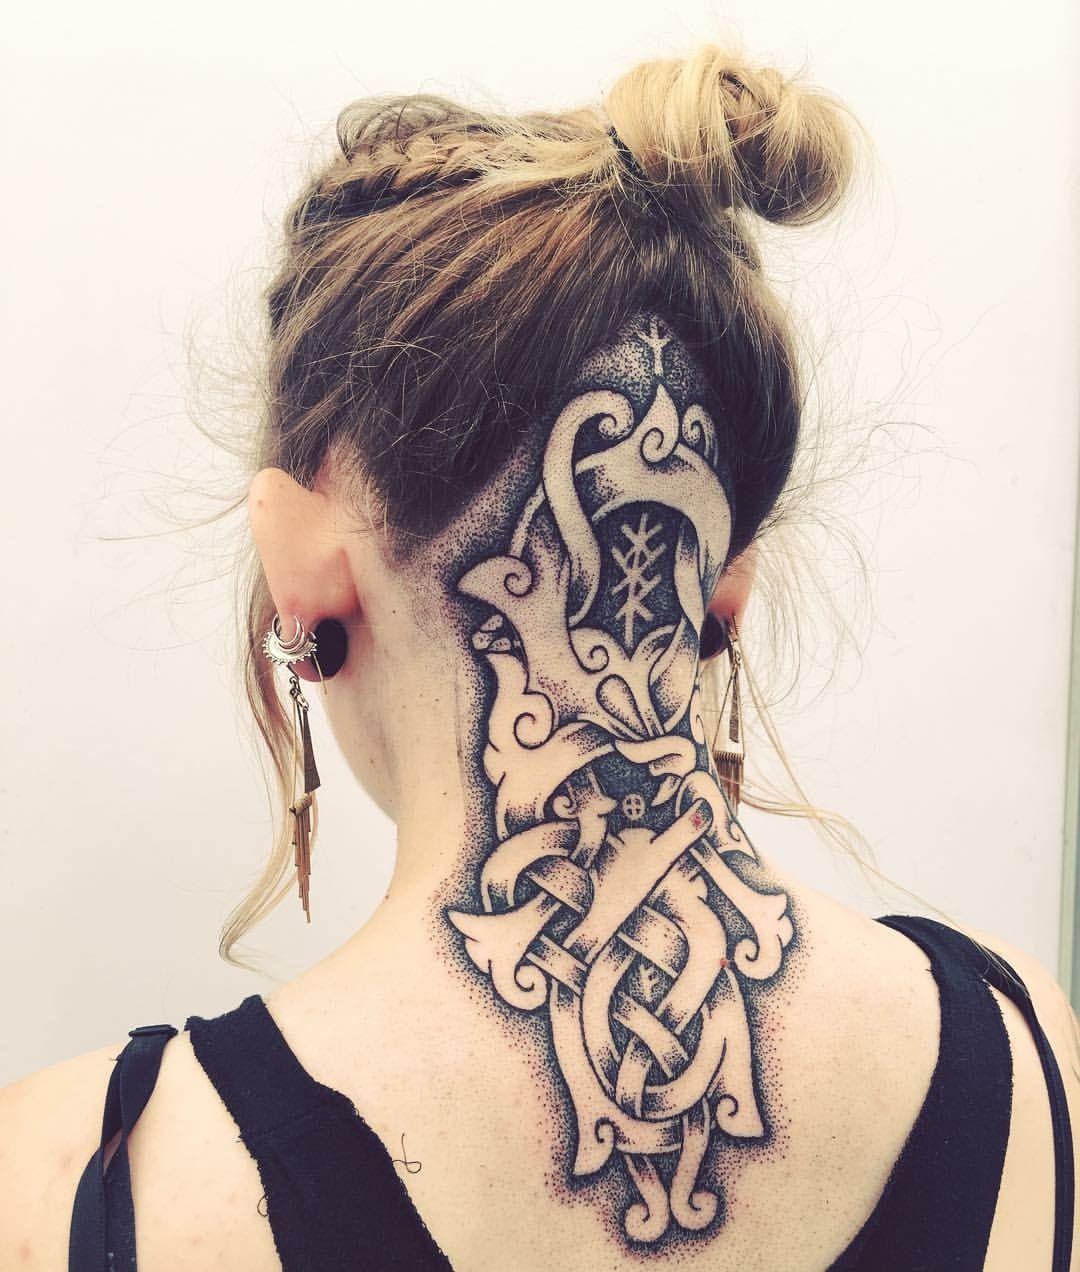 Pin By Ryn On Norse Tattoo Viking Tattoos Scandinavian Tattoo Foot Tattoos